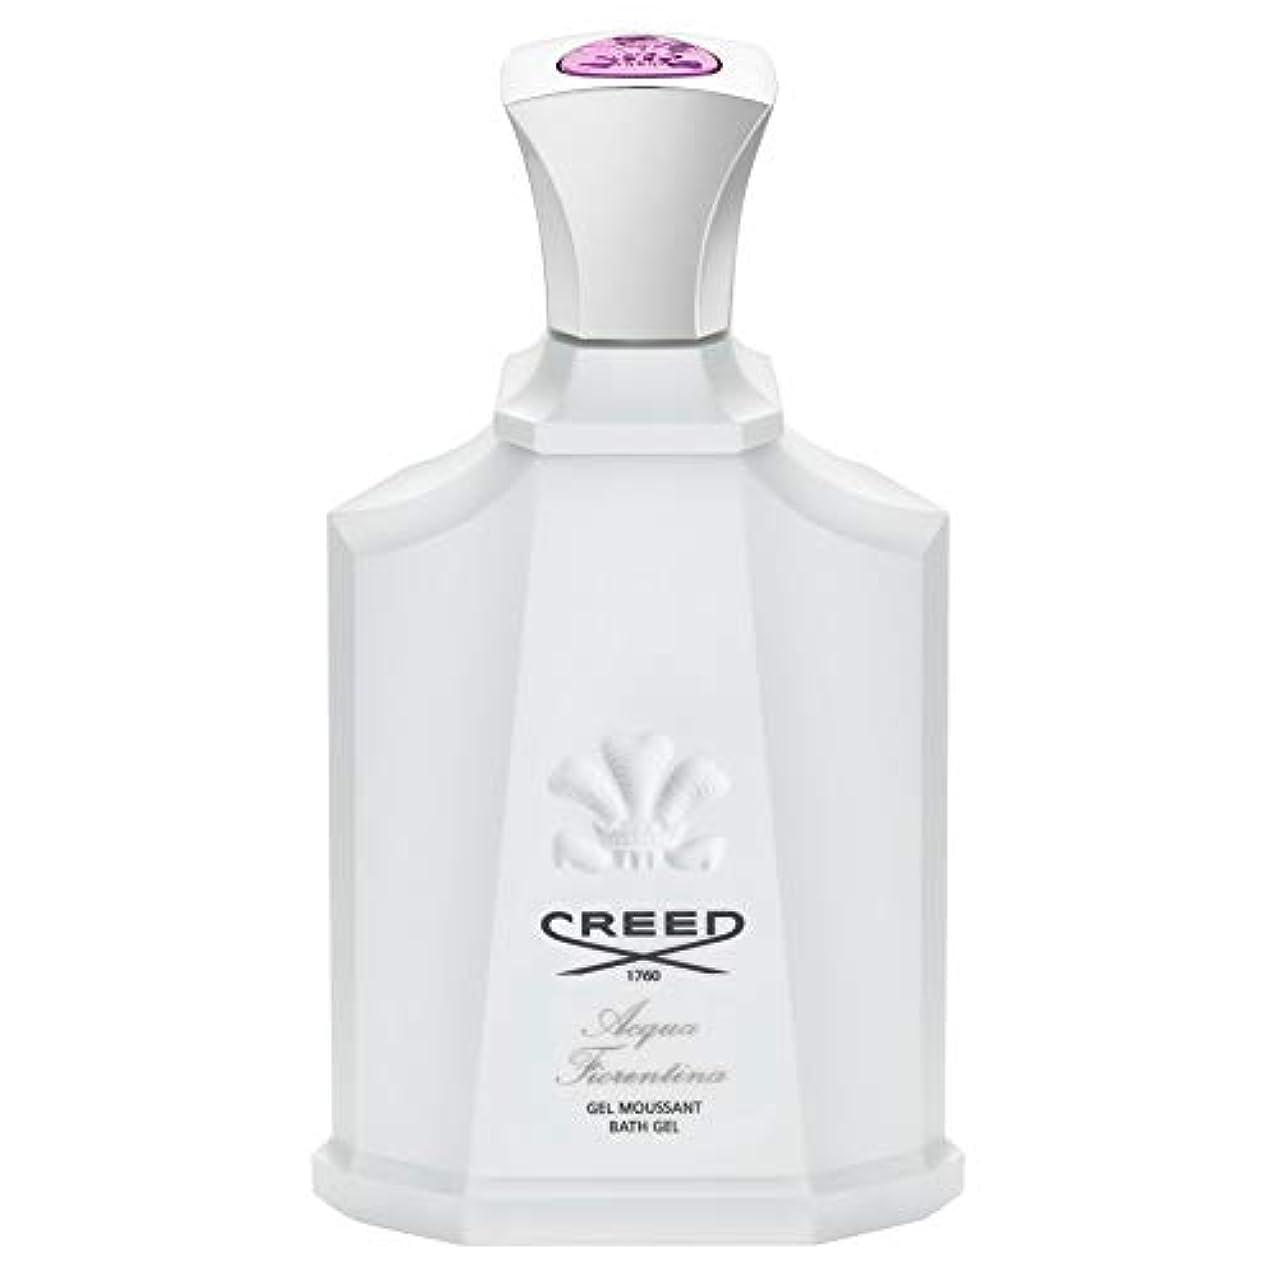 排他的必要とする意識的[CREED] 信条アクアフィオレンティーナシャワージェル200Ml - Creed Acqua Fiorentina Shower Gel 200ml [並行輸入品]